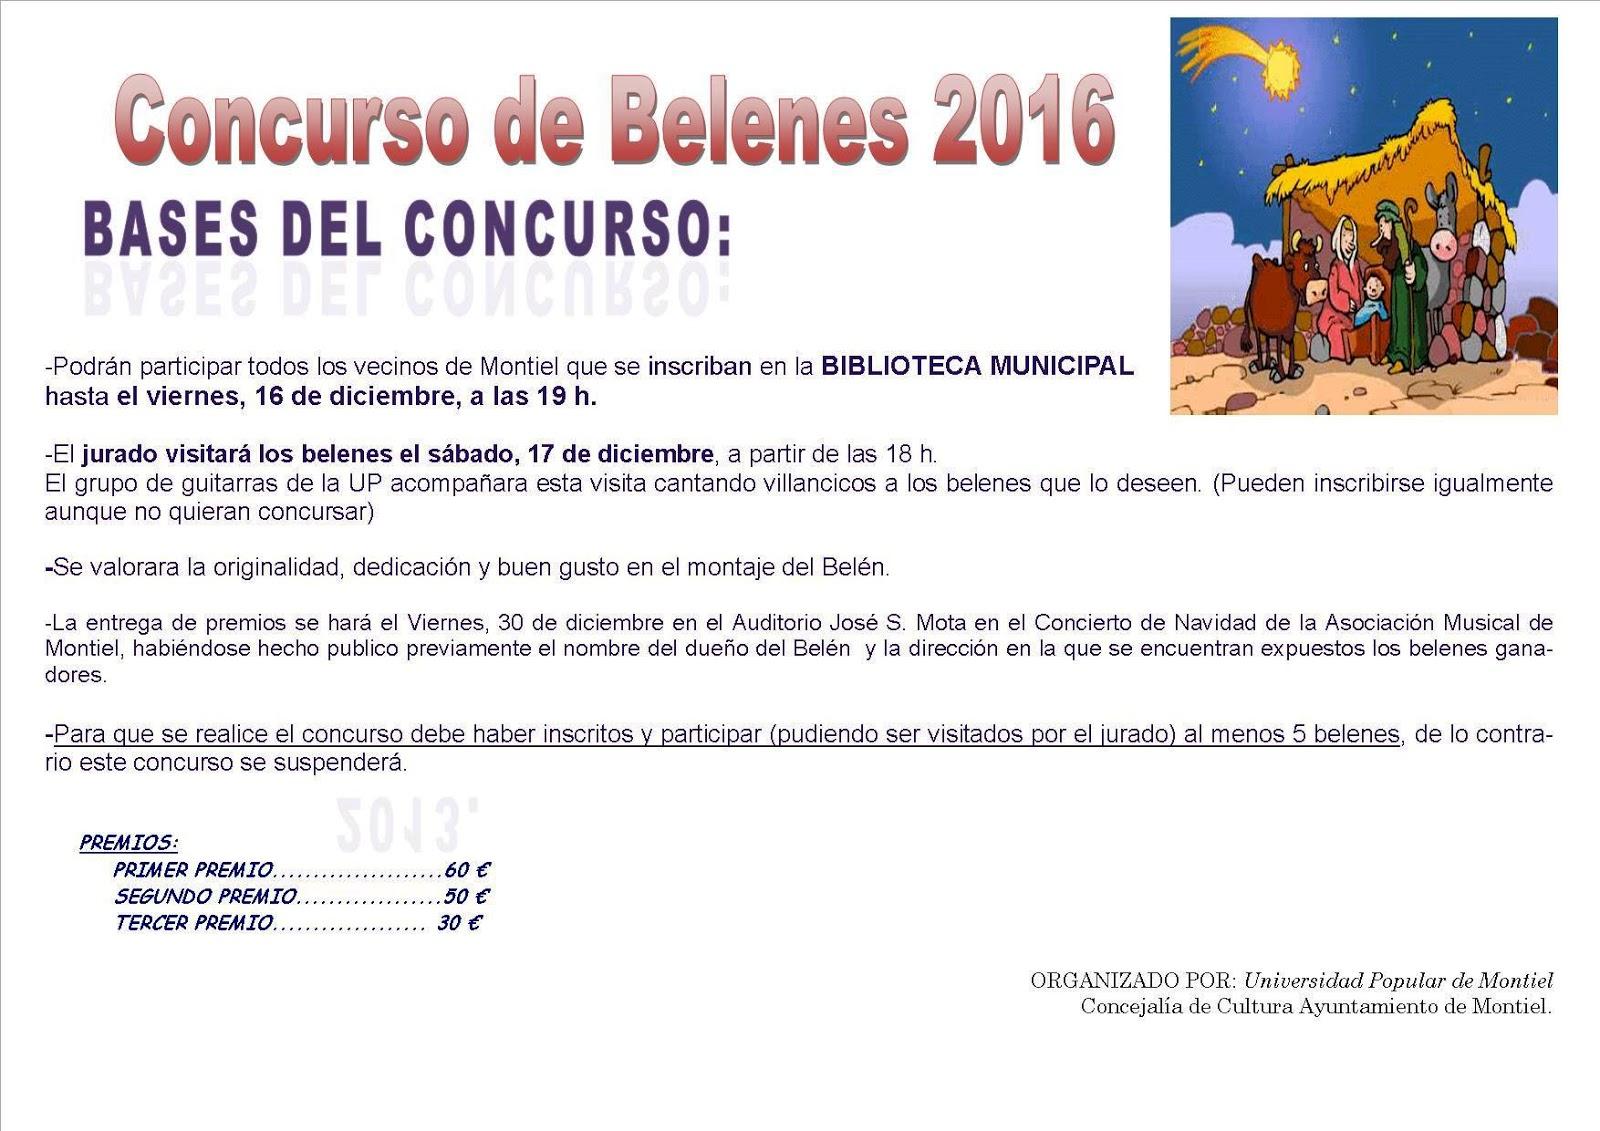 Universidad popular de montiel concurso de belenes 2016 for Concurso de docencia 2016